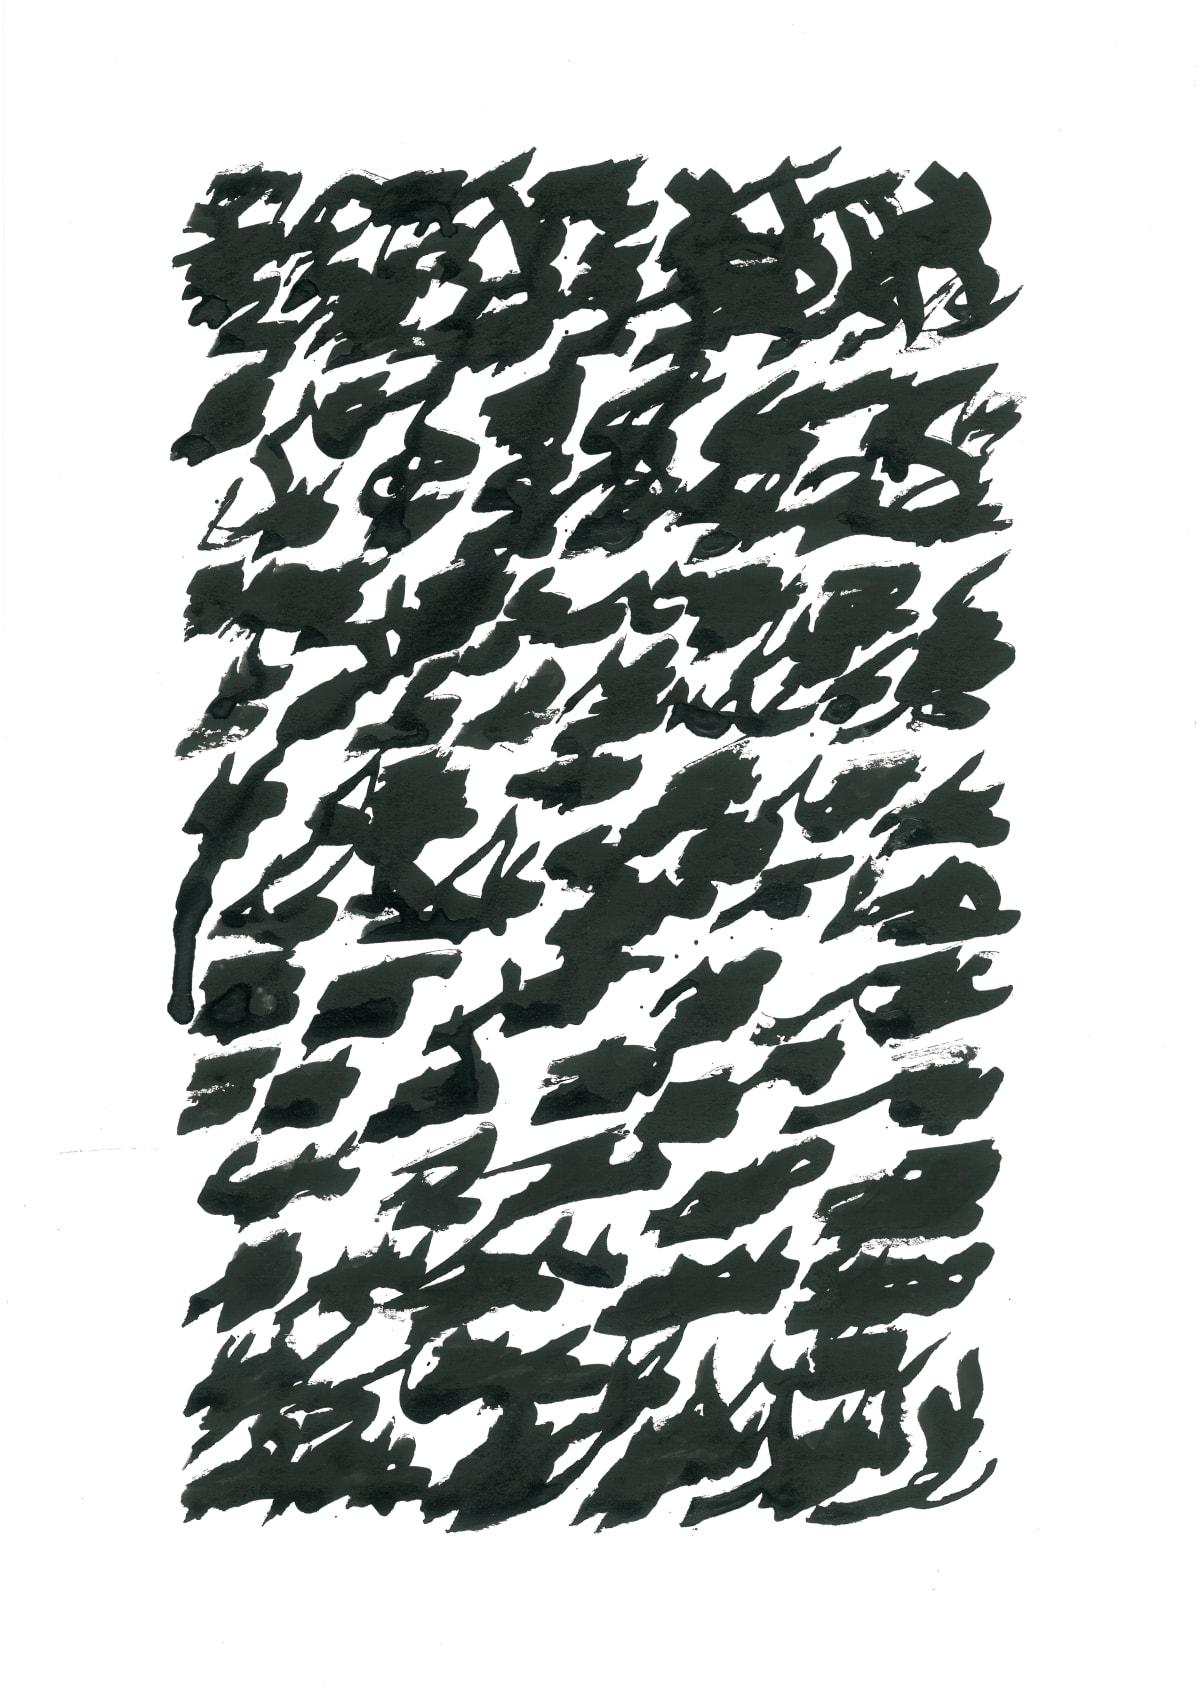 Mohammad Ali Talpur b. 1976Untitled (8), 2020 Ink on paper 42 x 29 cm 16 1/2 x 11 7/16 in